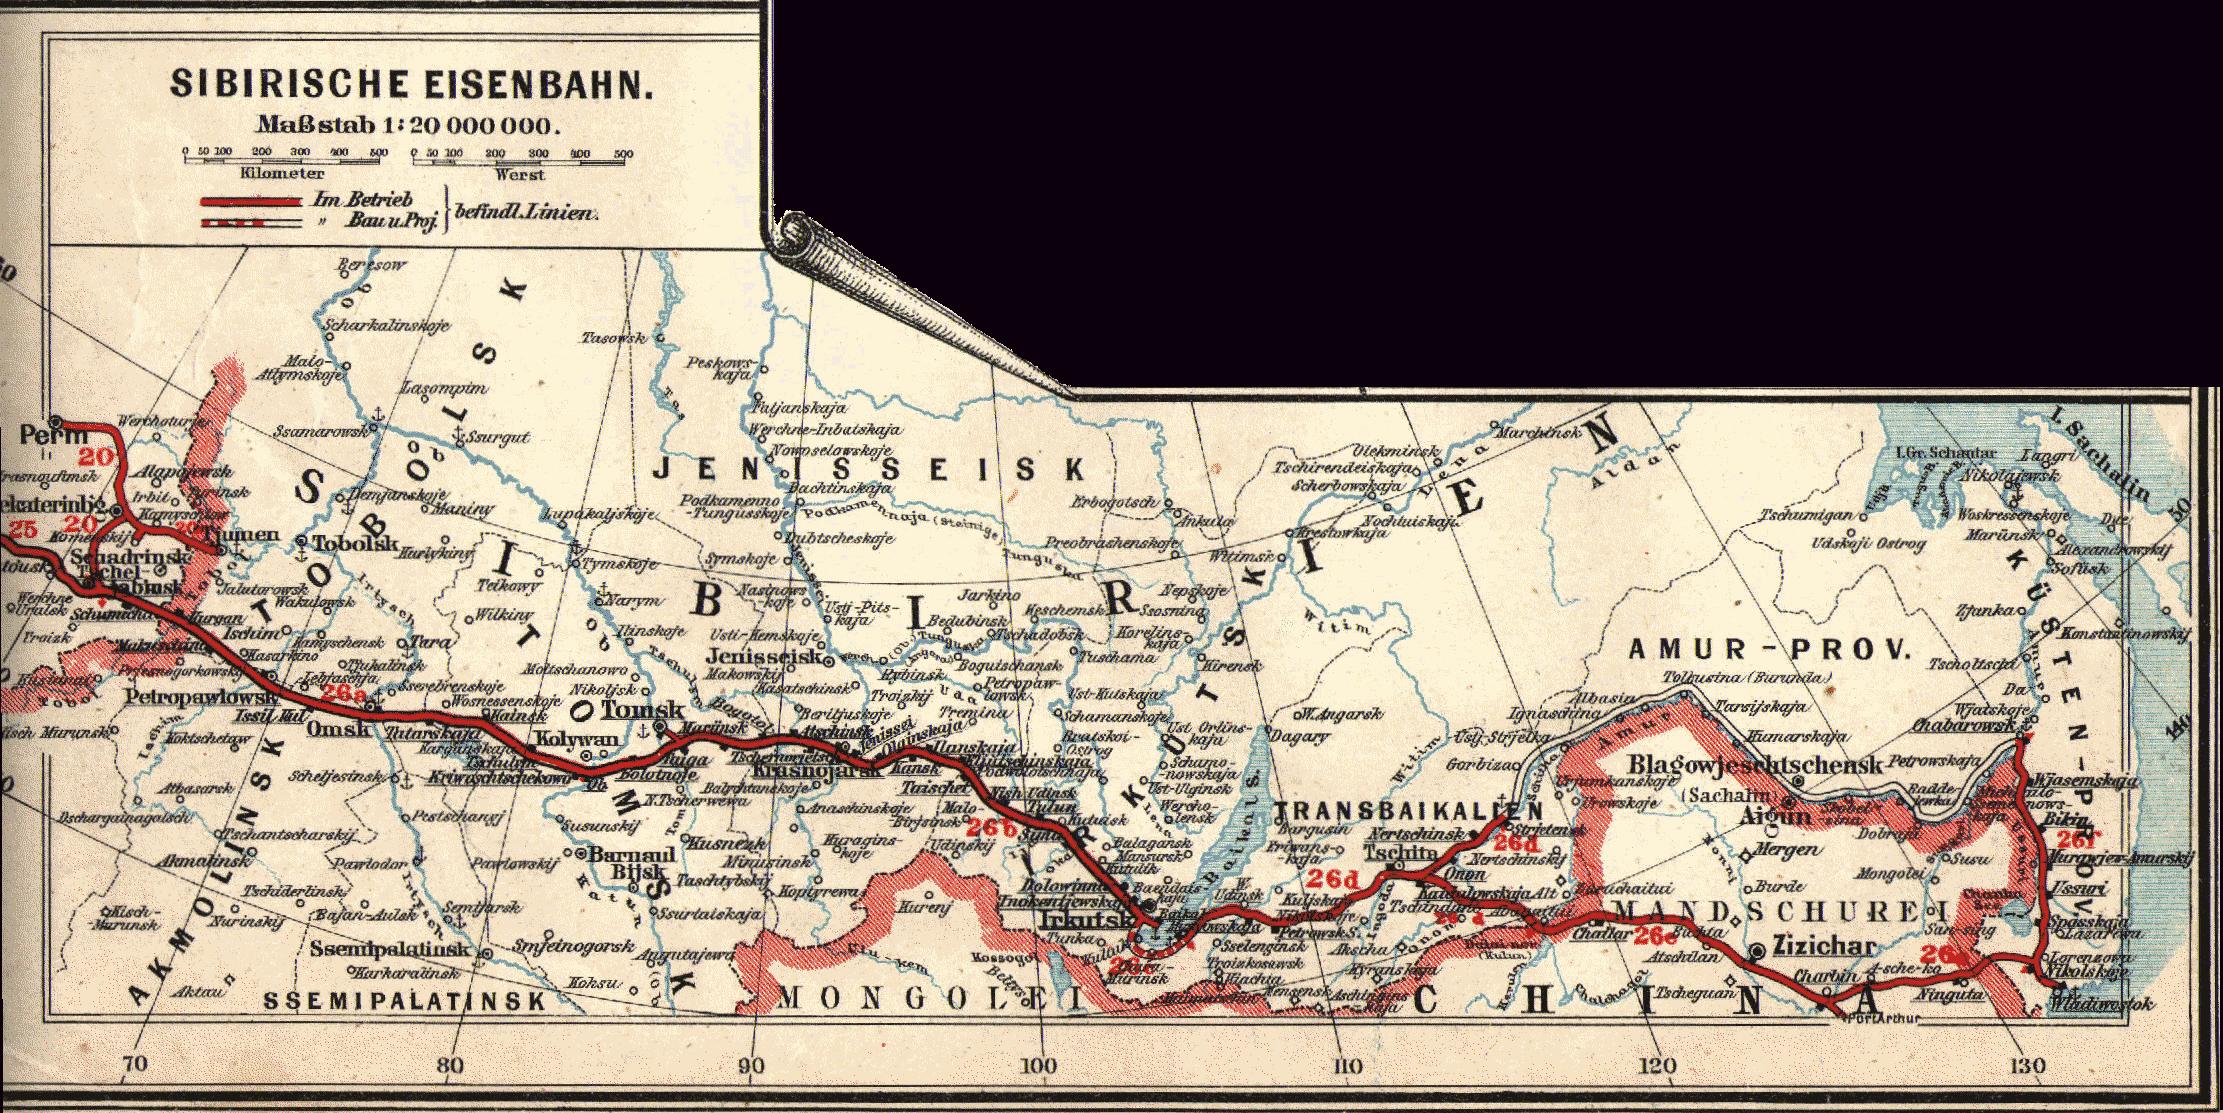 Karte der Transsibirischen Eisenbahn, 1897